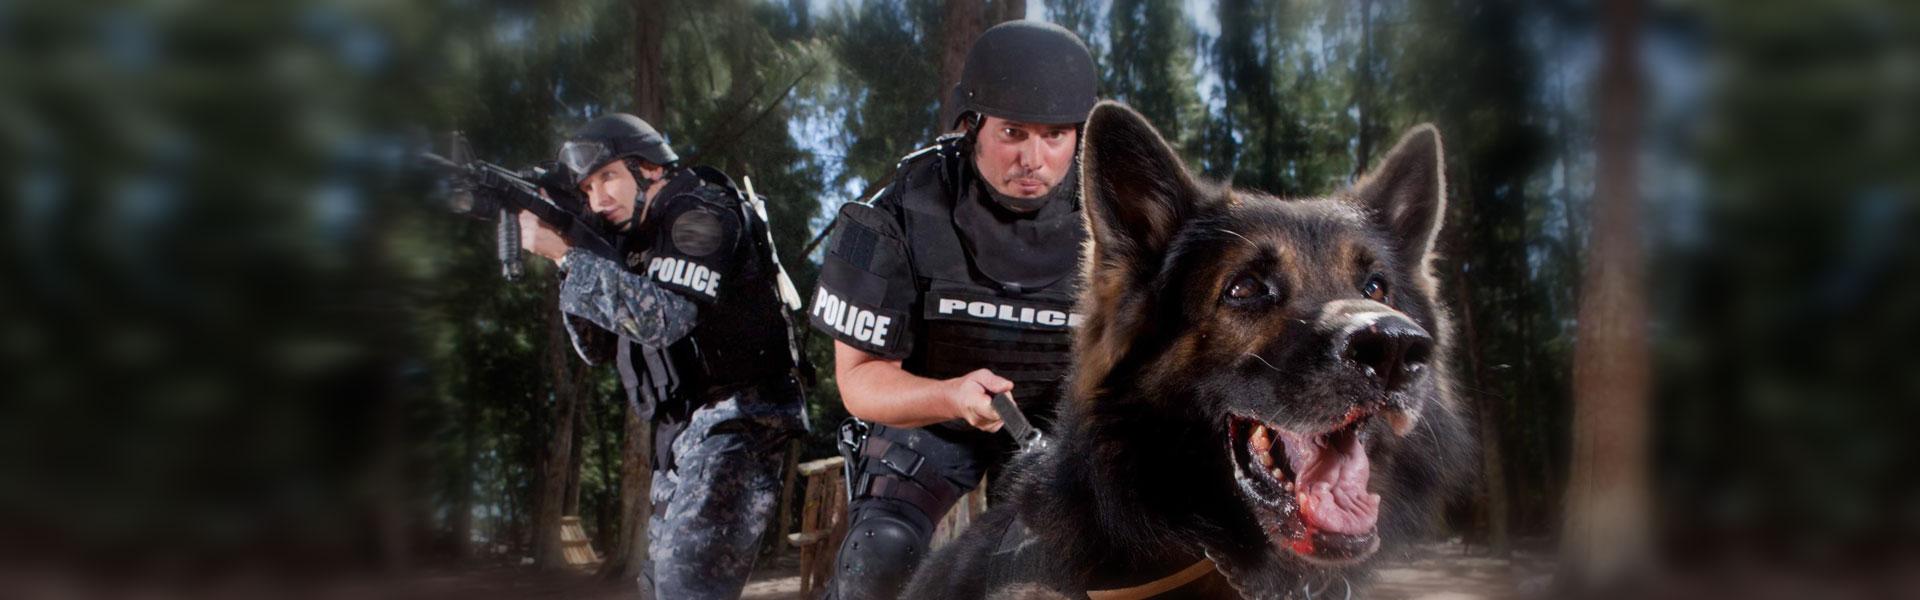 front-banner-police-dog.jpg